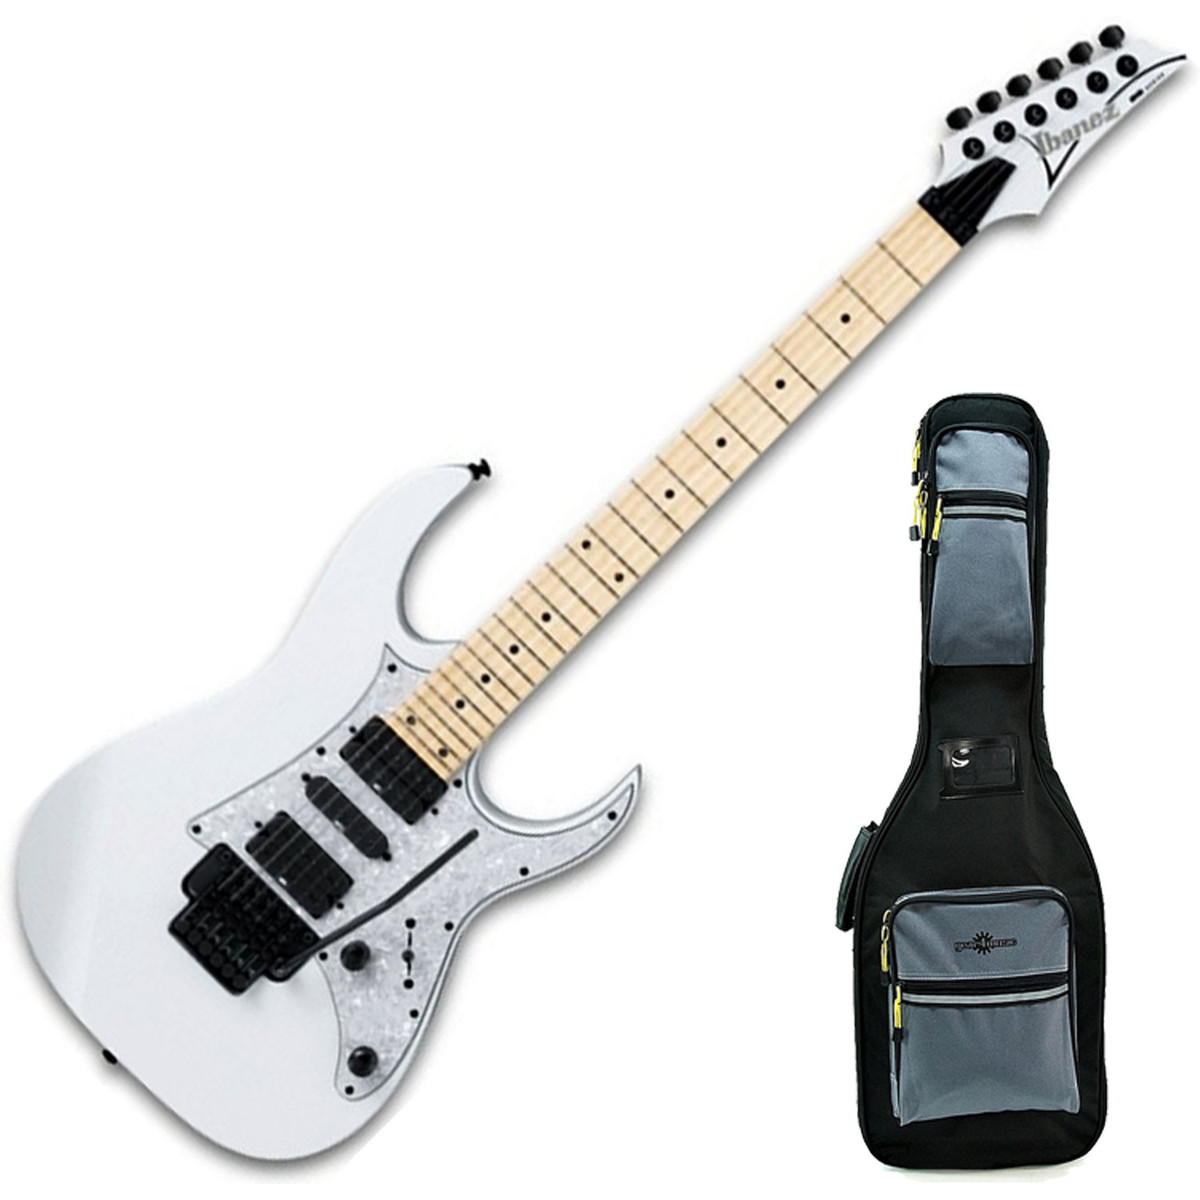 Puis ibanez rg350mpz guitare lectrique housse deluxe for Housse guitare electrique